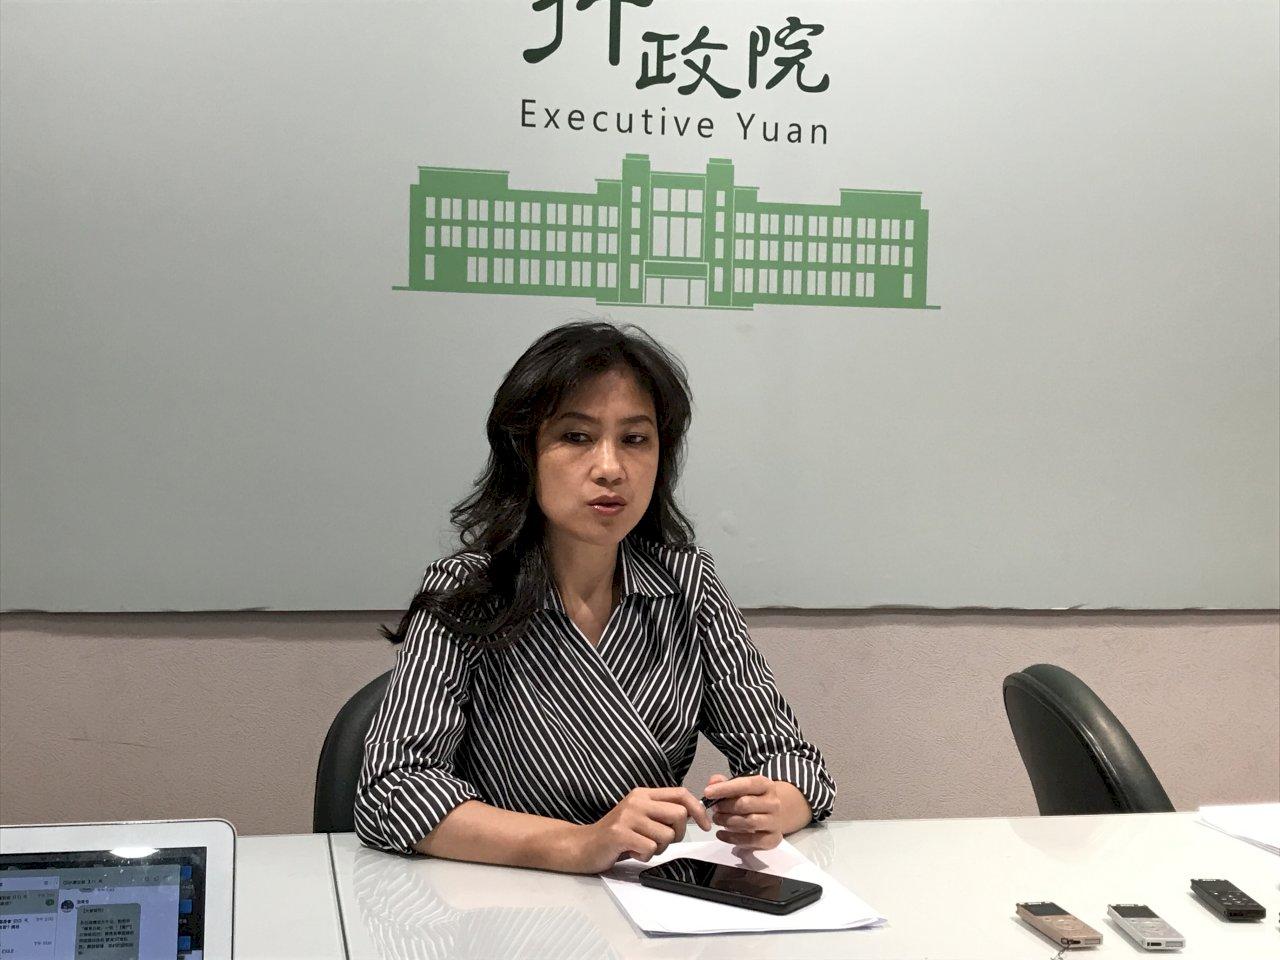 台灣學者蔡金樹被捕 政院:中國只有政治沒有法治